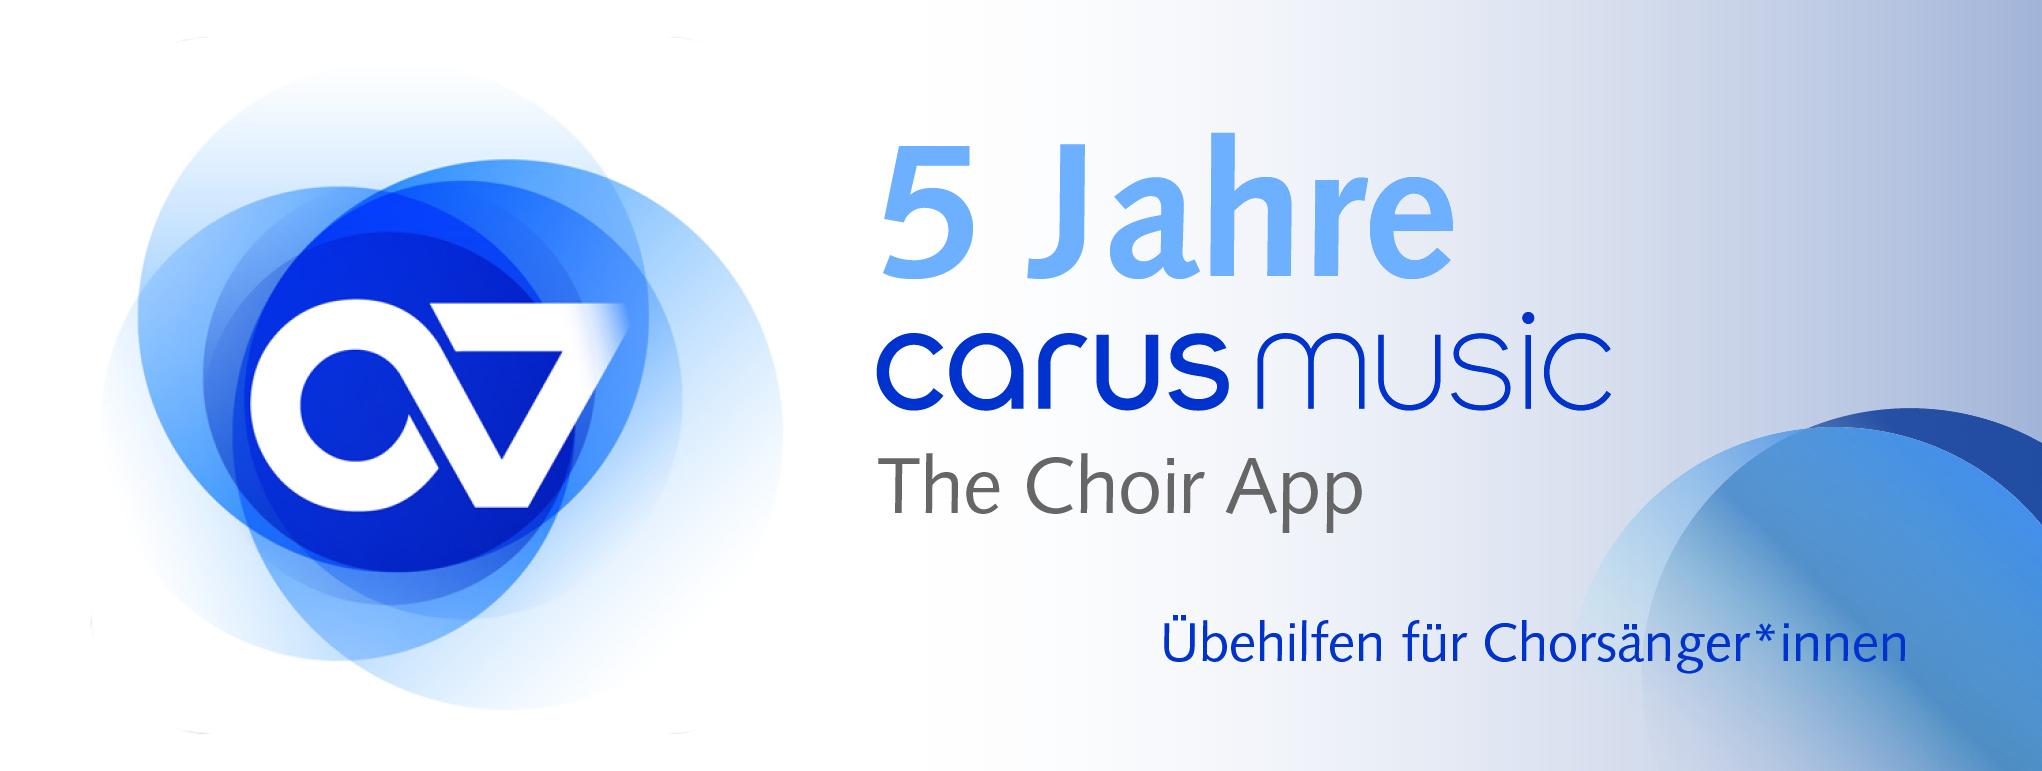 carus music